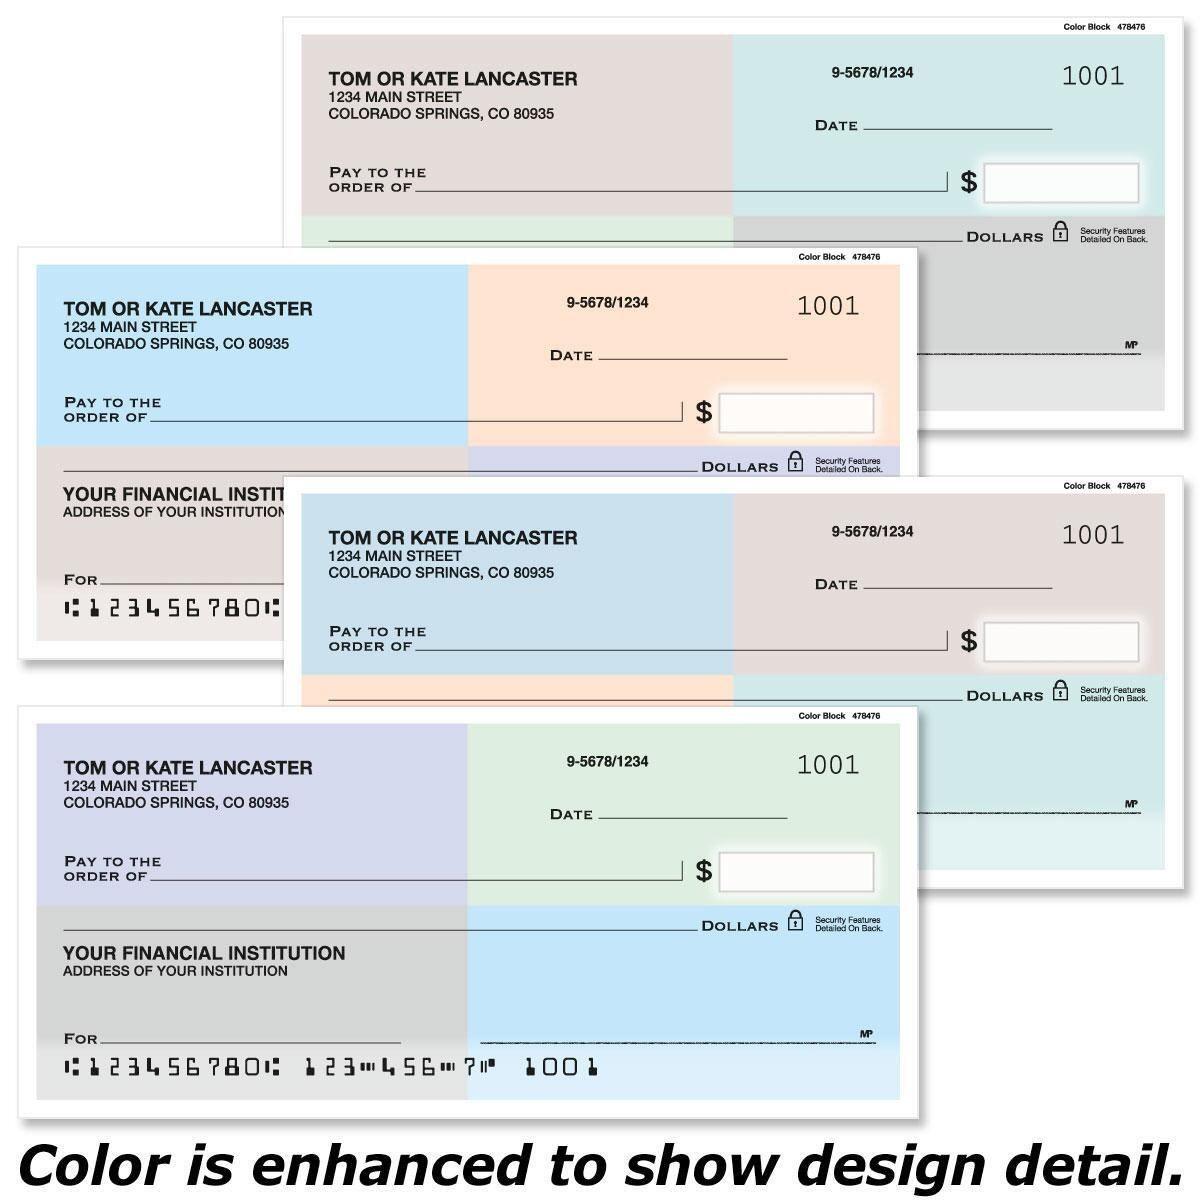 Color Block Personal Checks